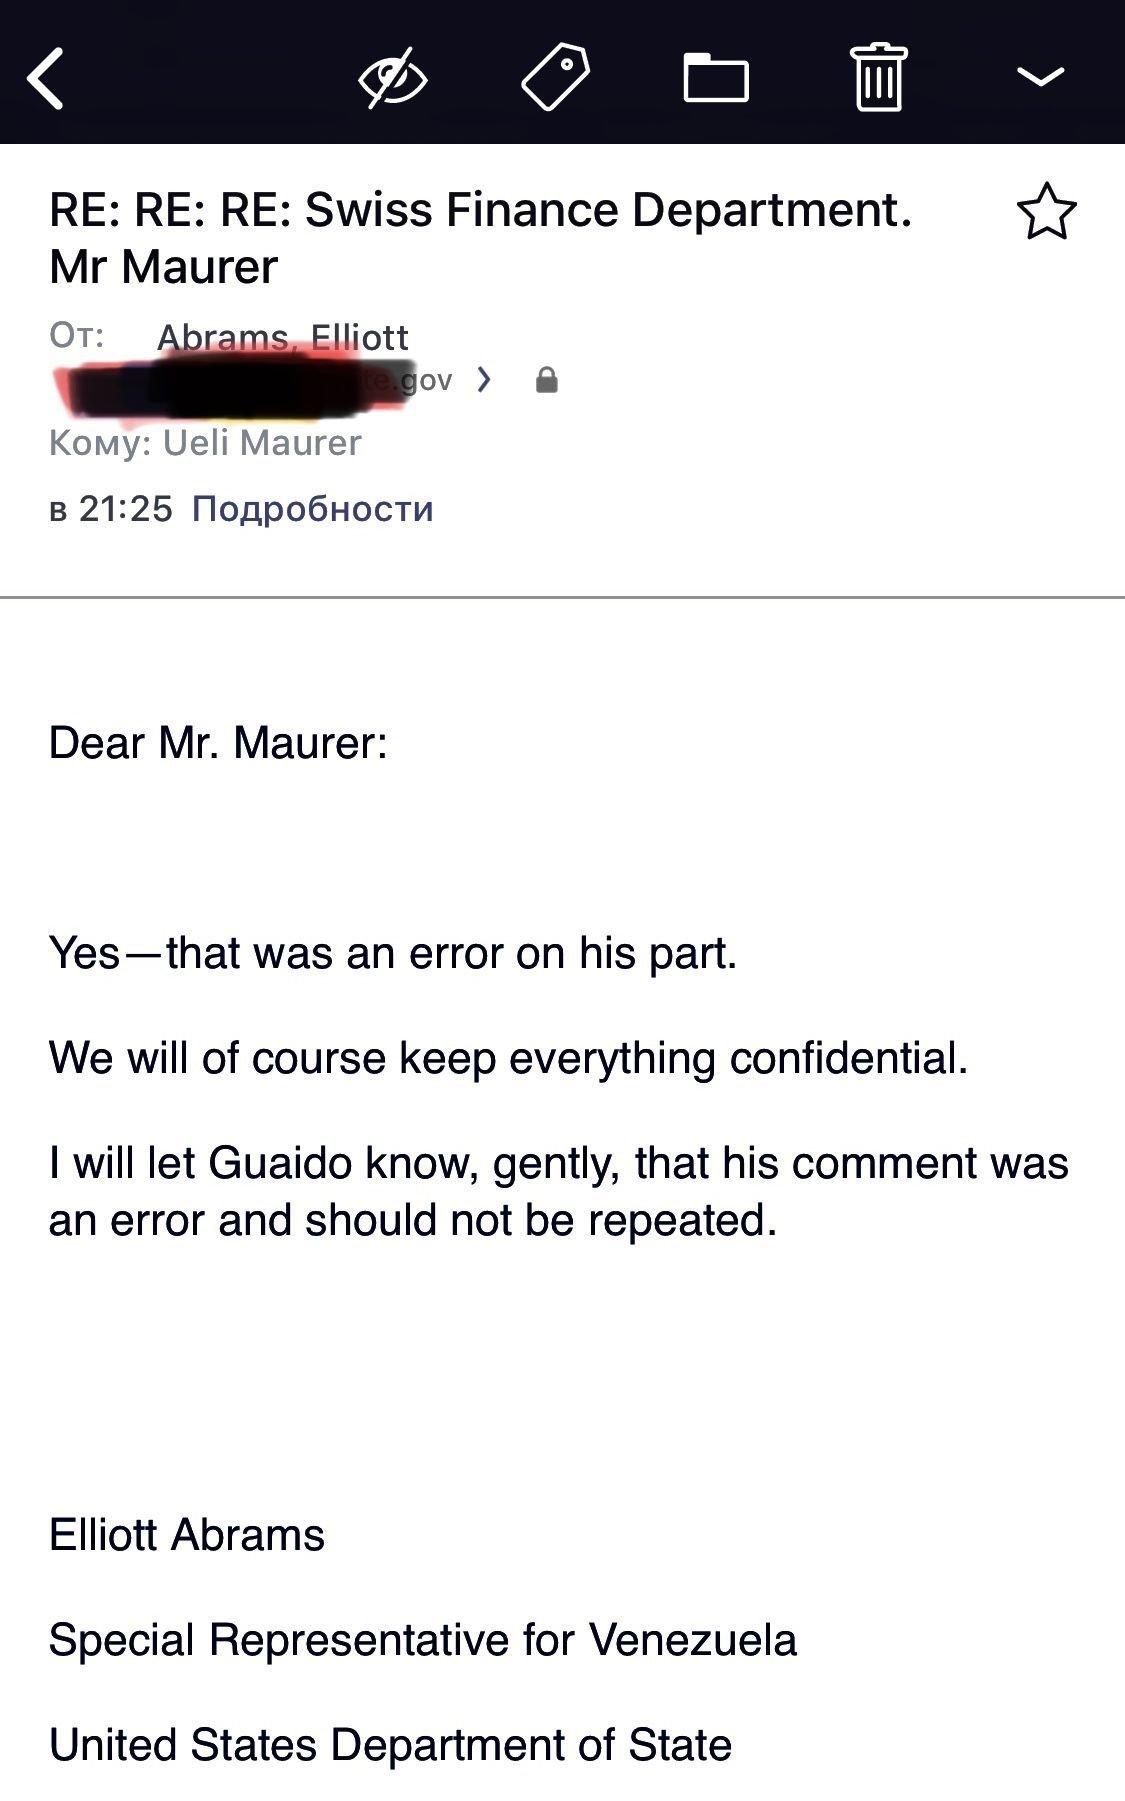 E-mail enviado por Abrams a Maurer